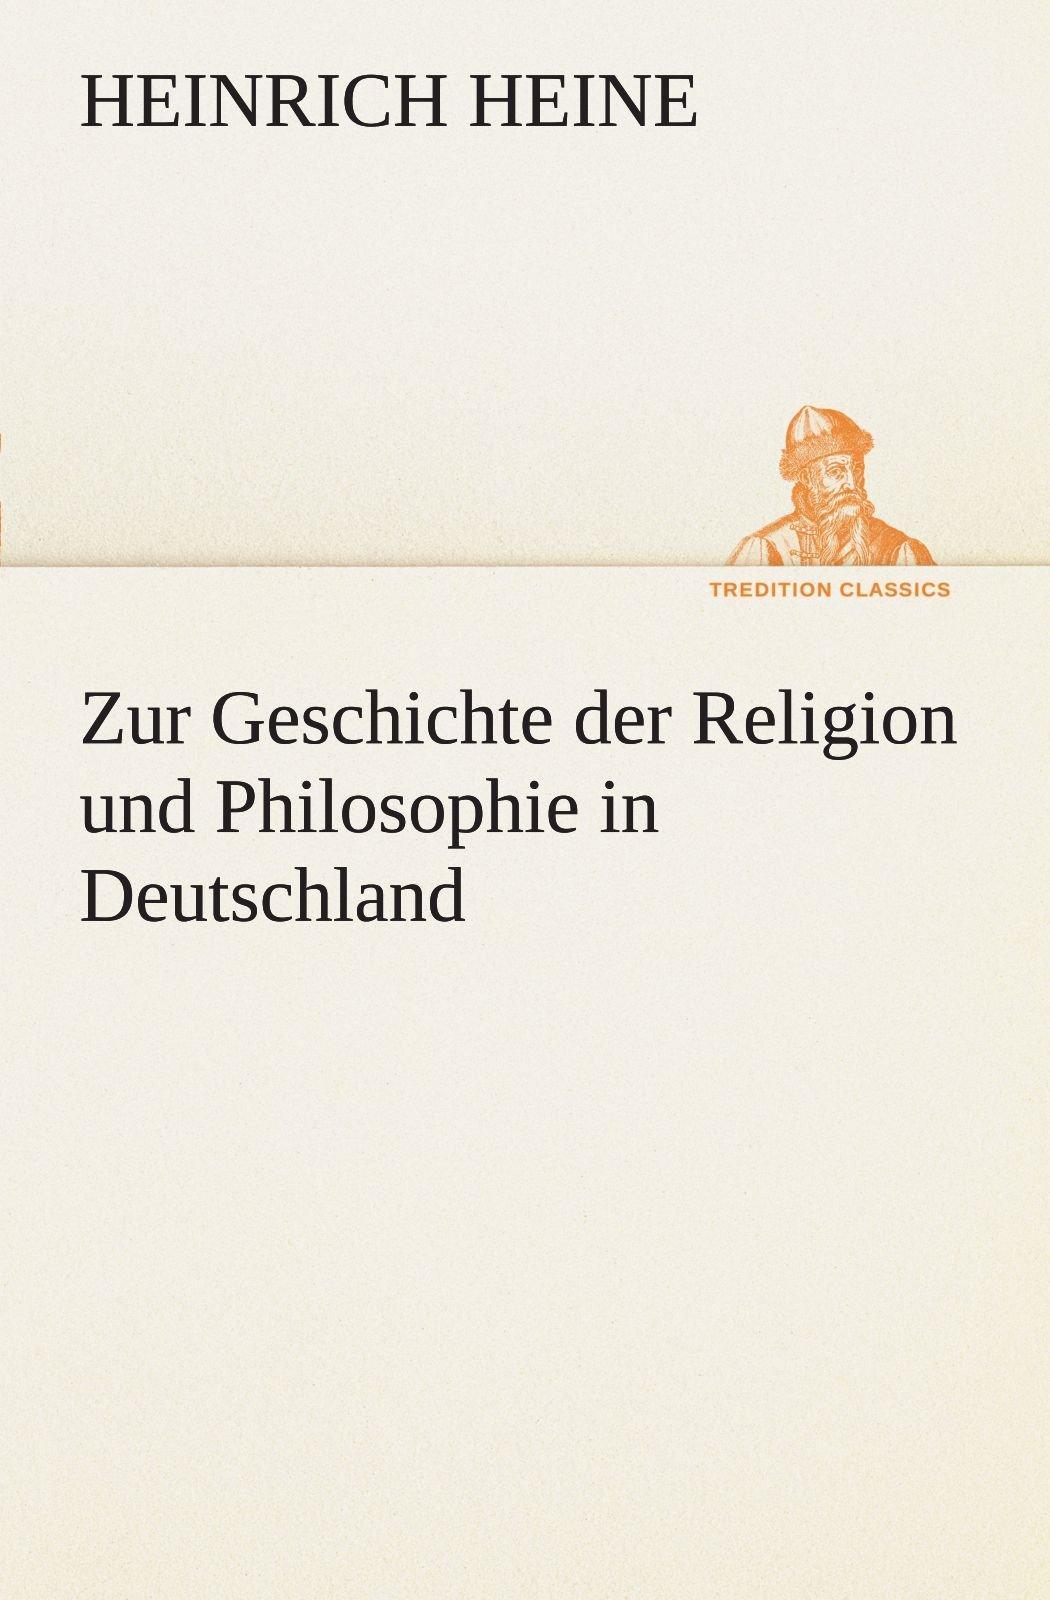 zur-geschichte-der-religion-und-philosophie-in-deutschland-tredition-classics